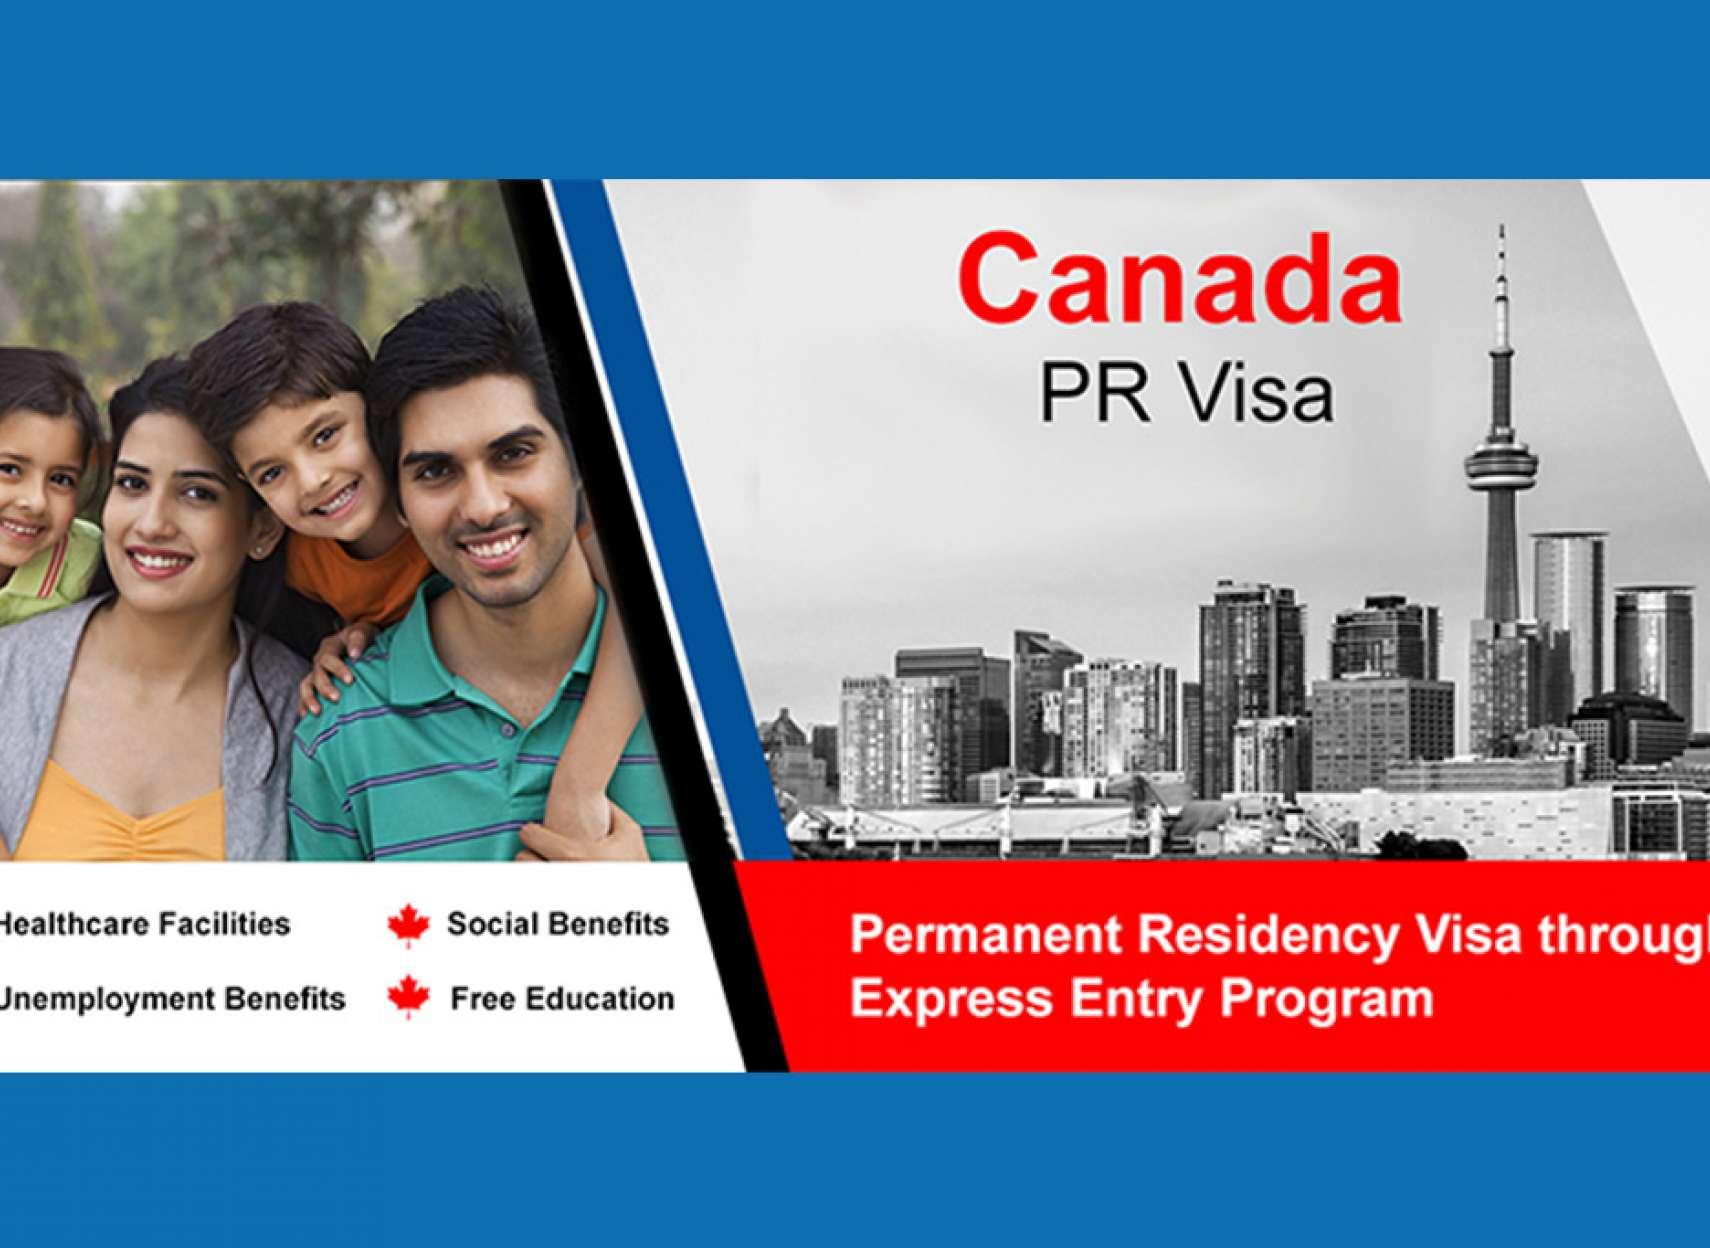 اخبار-کانادا-هندیهایی-که-در-مهاجرت-به-کانادا-مشاوره-غلط-میدهند